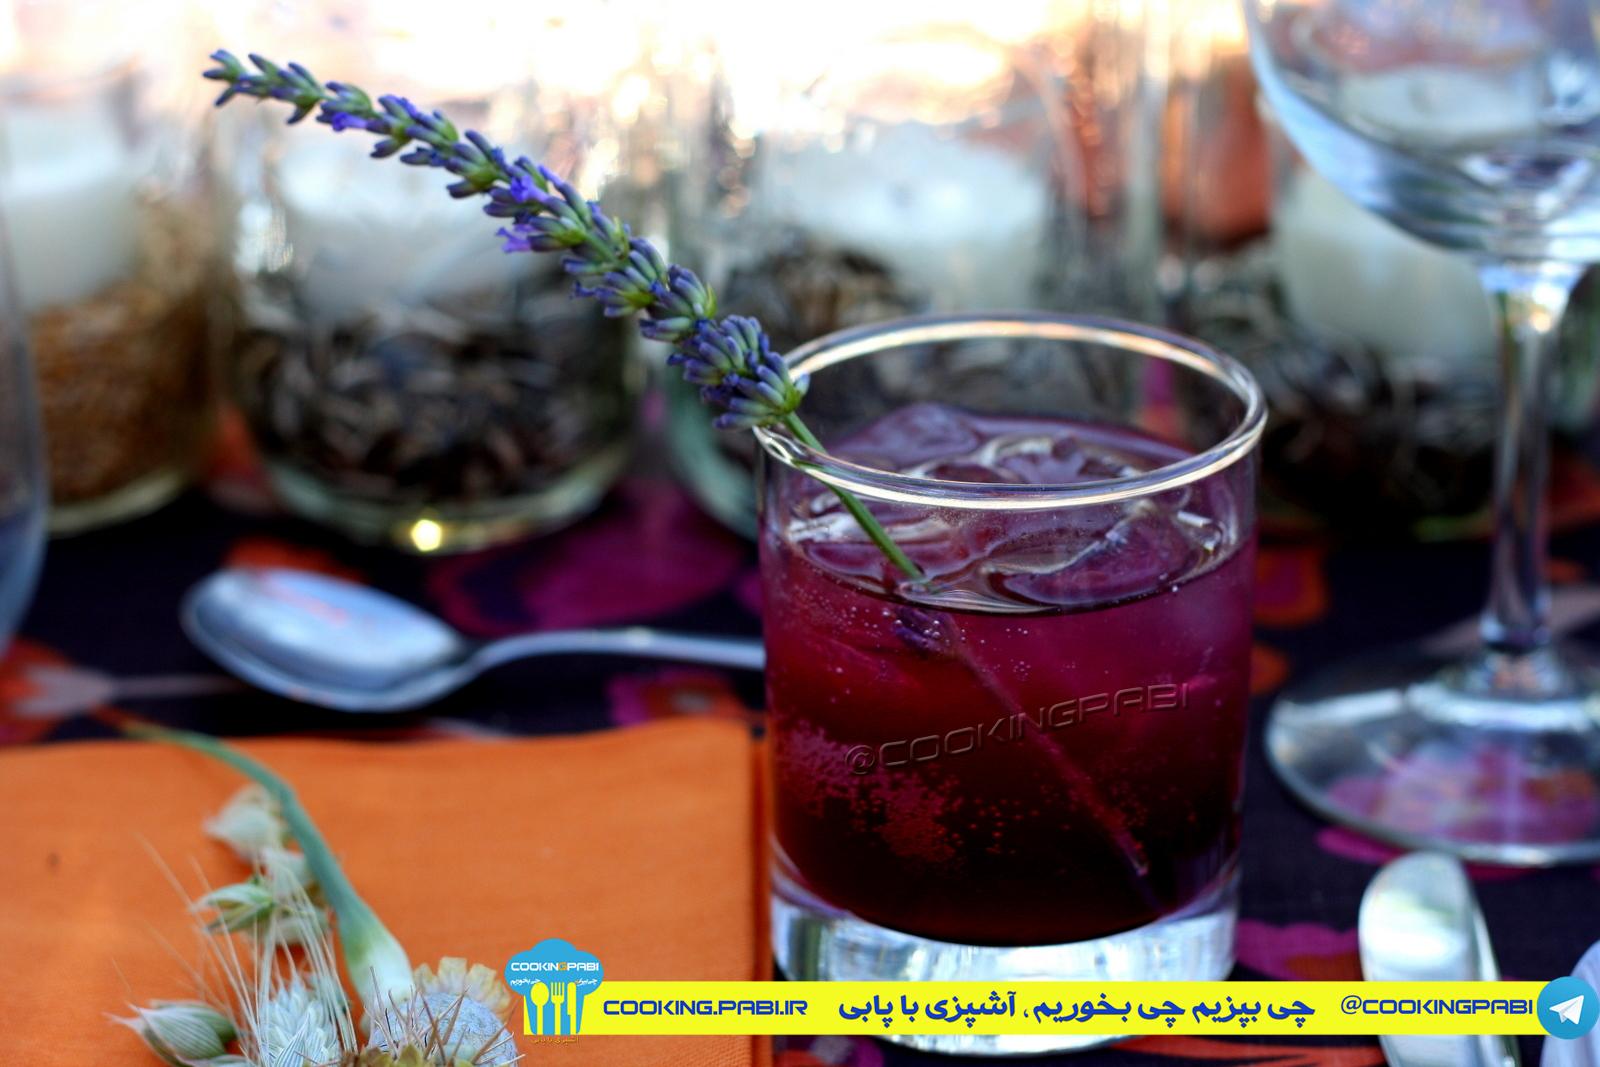 شربت اسطوخودوس-اسطوقدوس-Lavender syrup